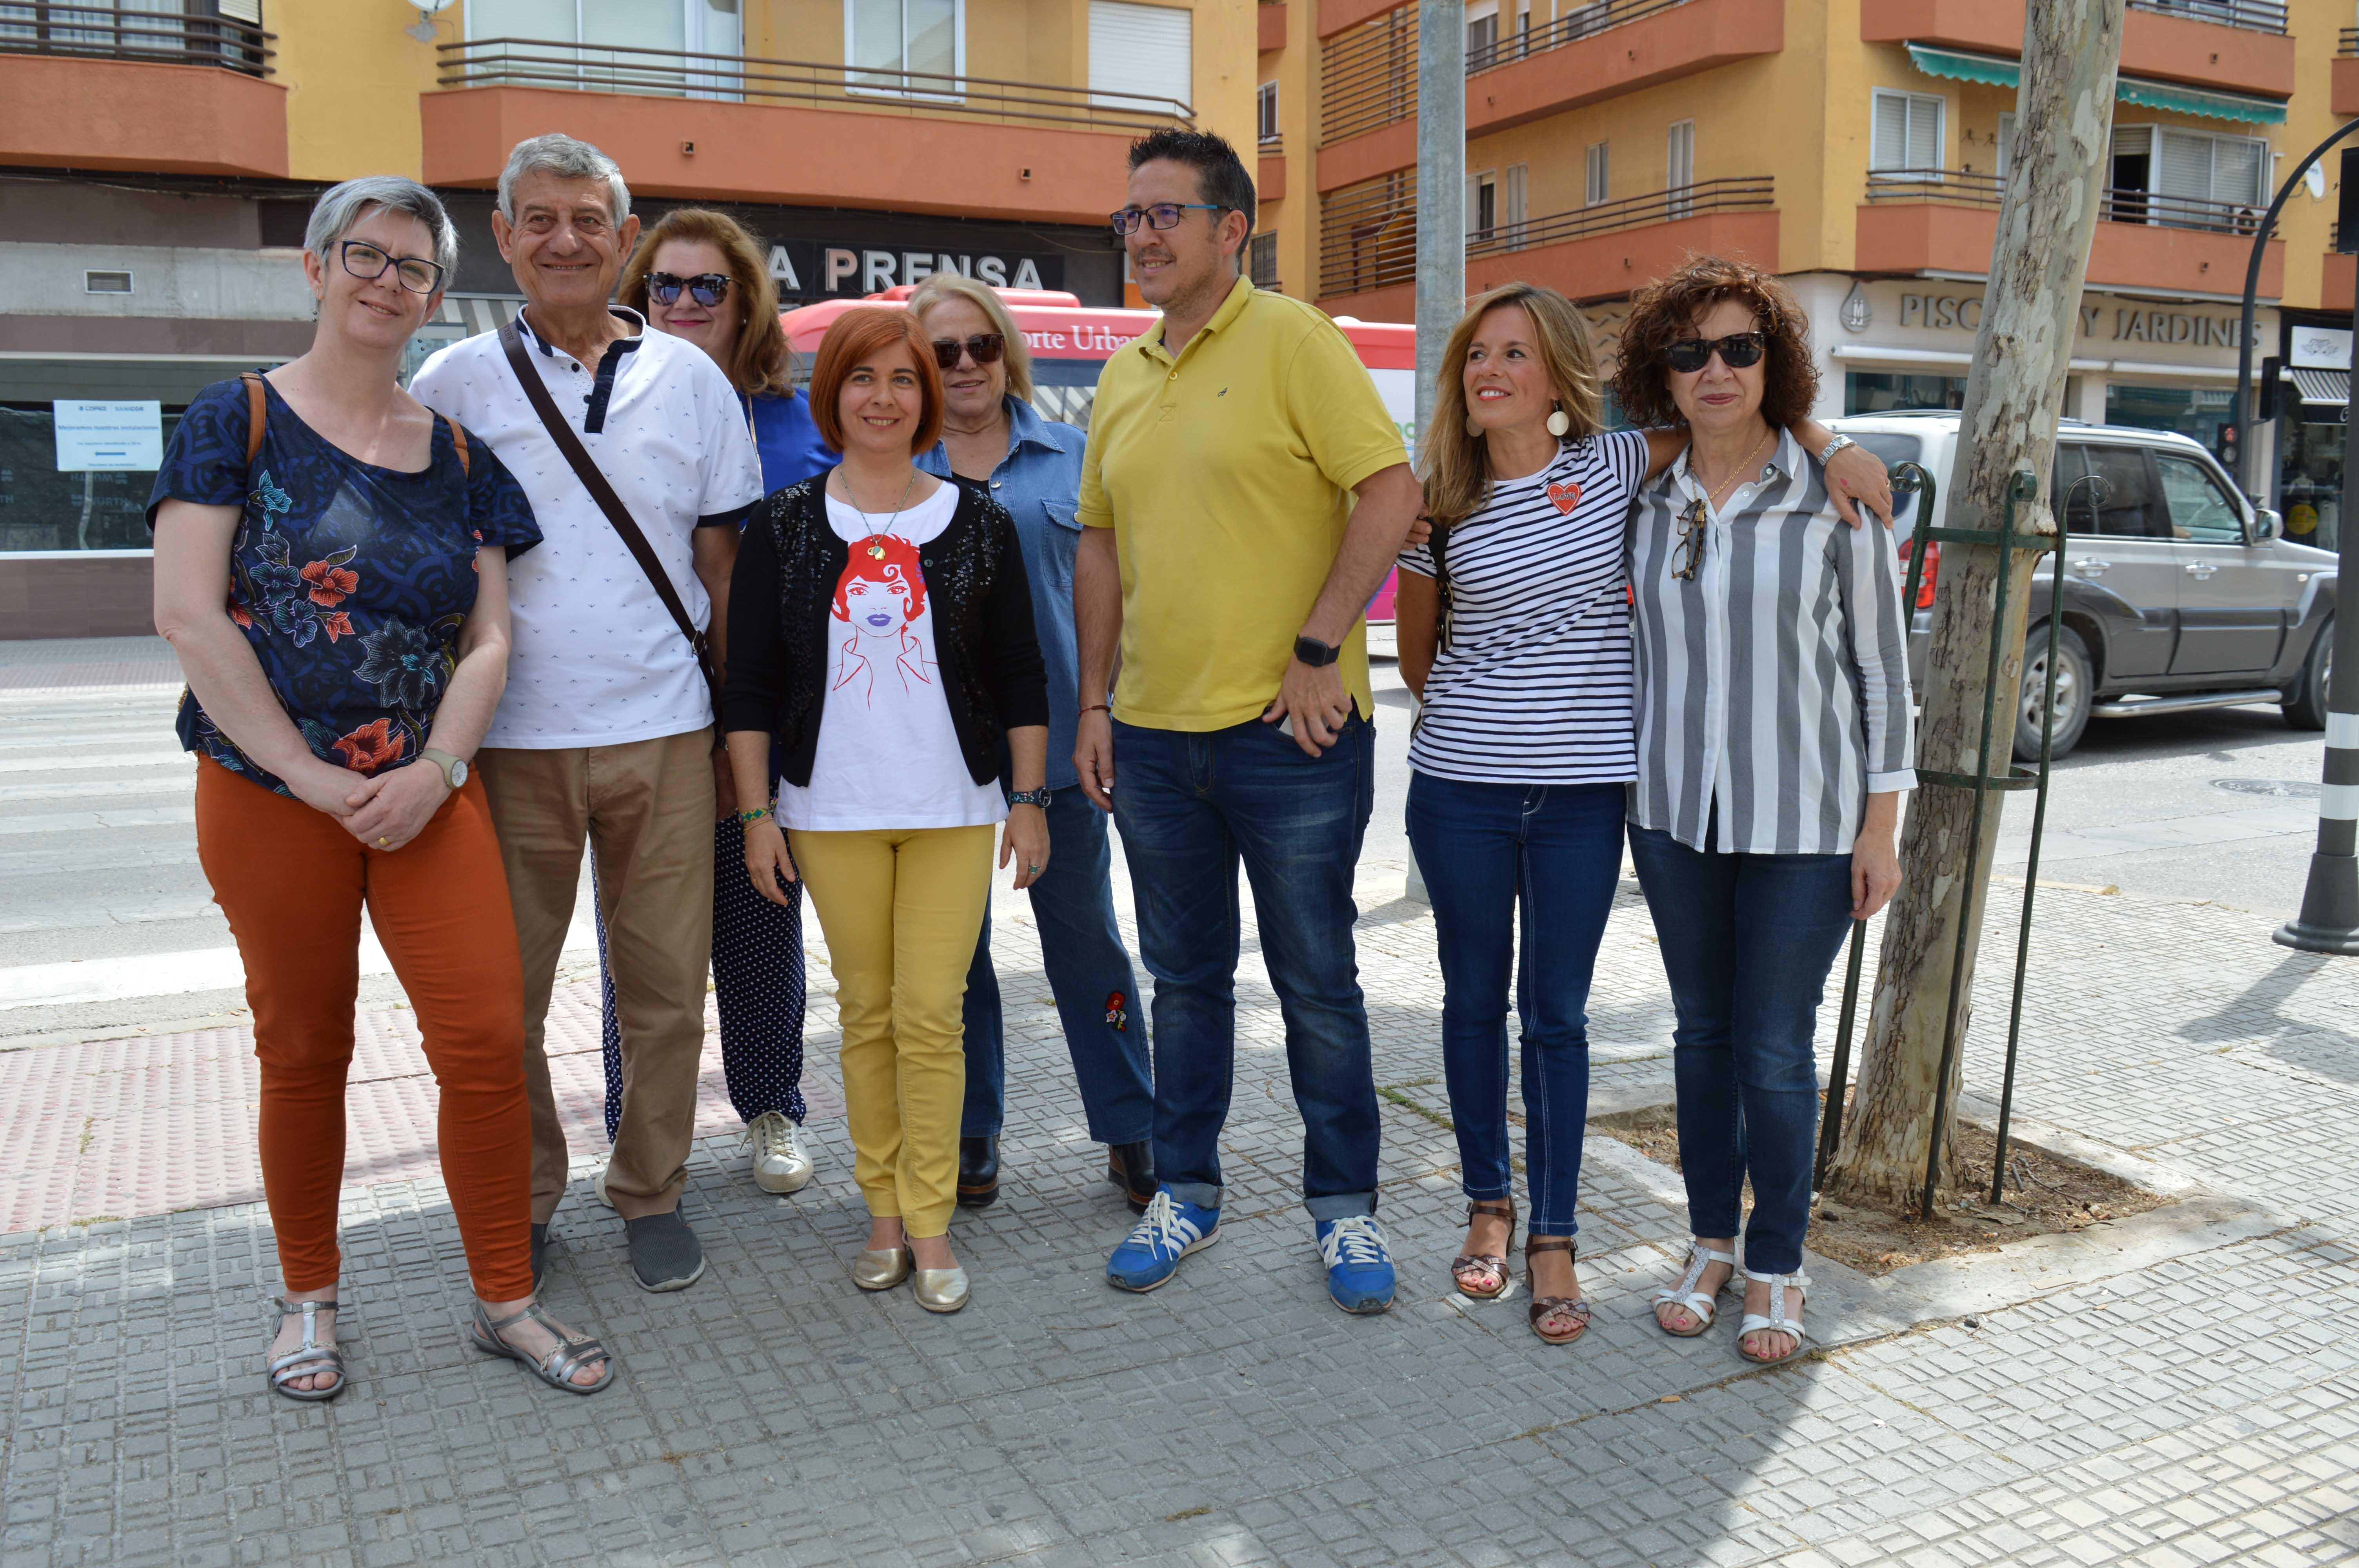 """Olivares: """"Vamos a seguir potenciando el crecimiento en equilibrio de todos los barrios de Úbeda"""""""